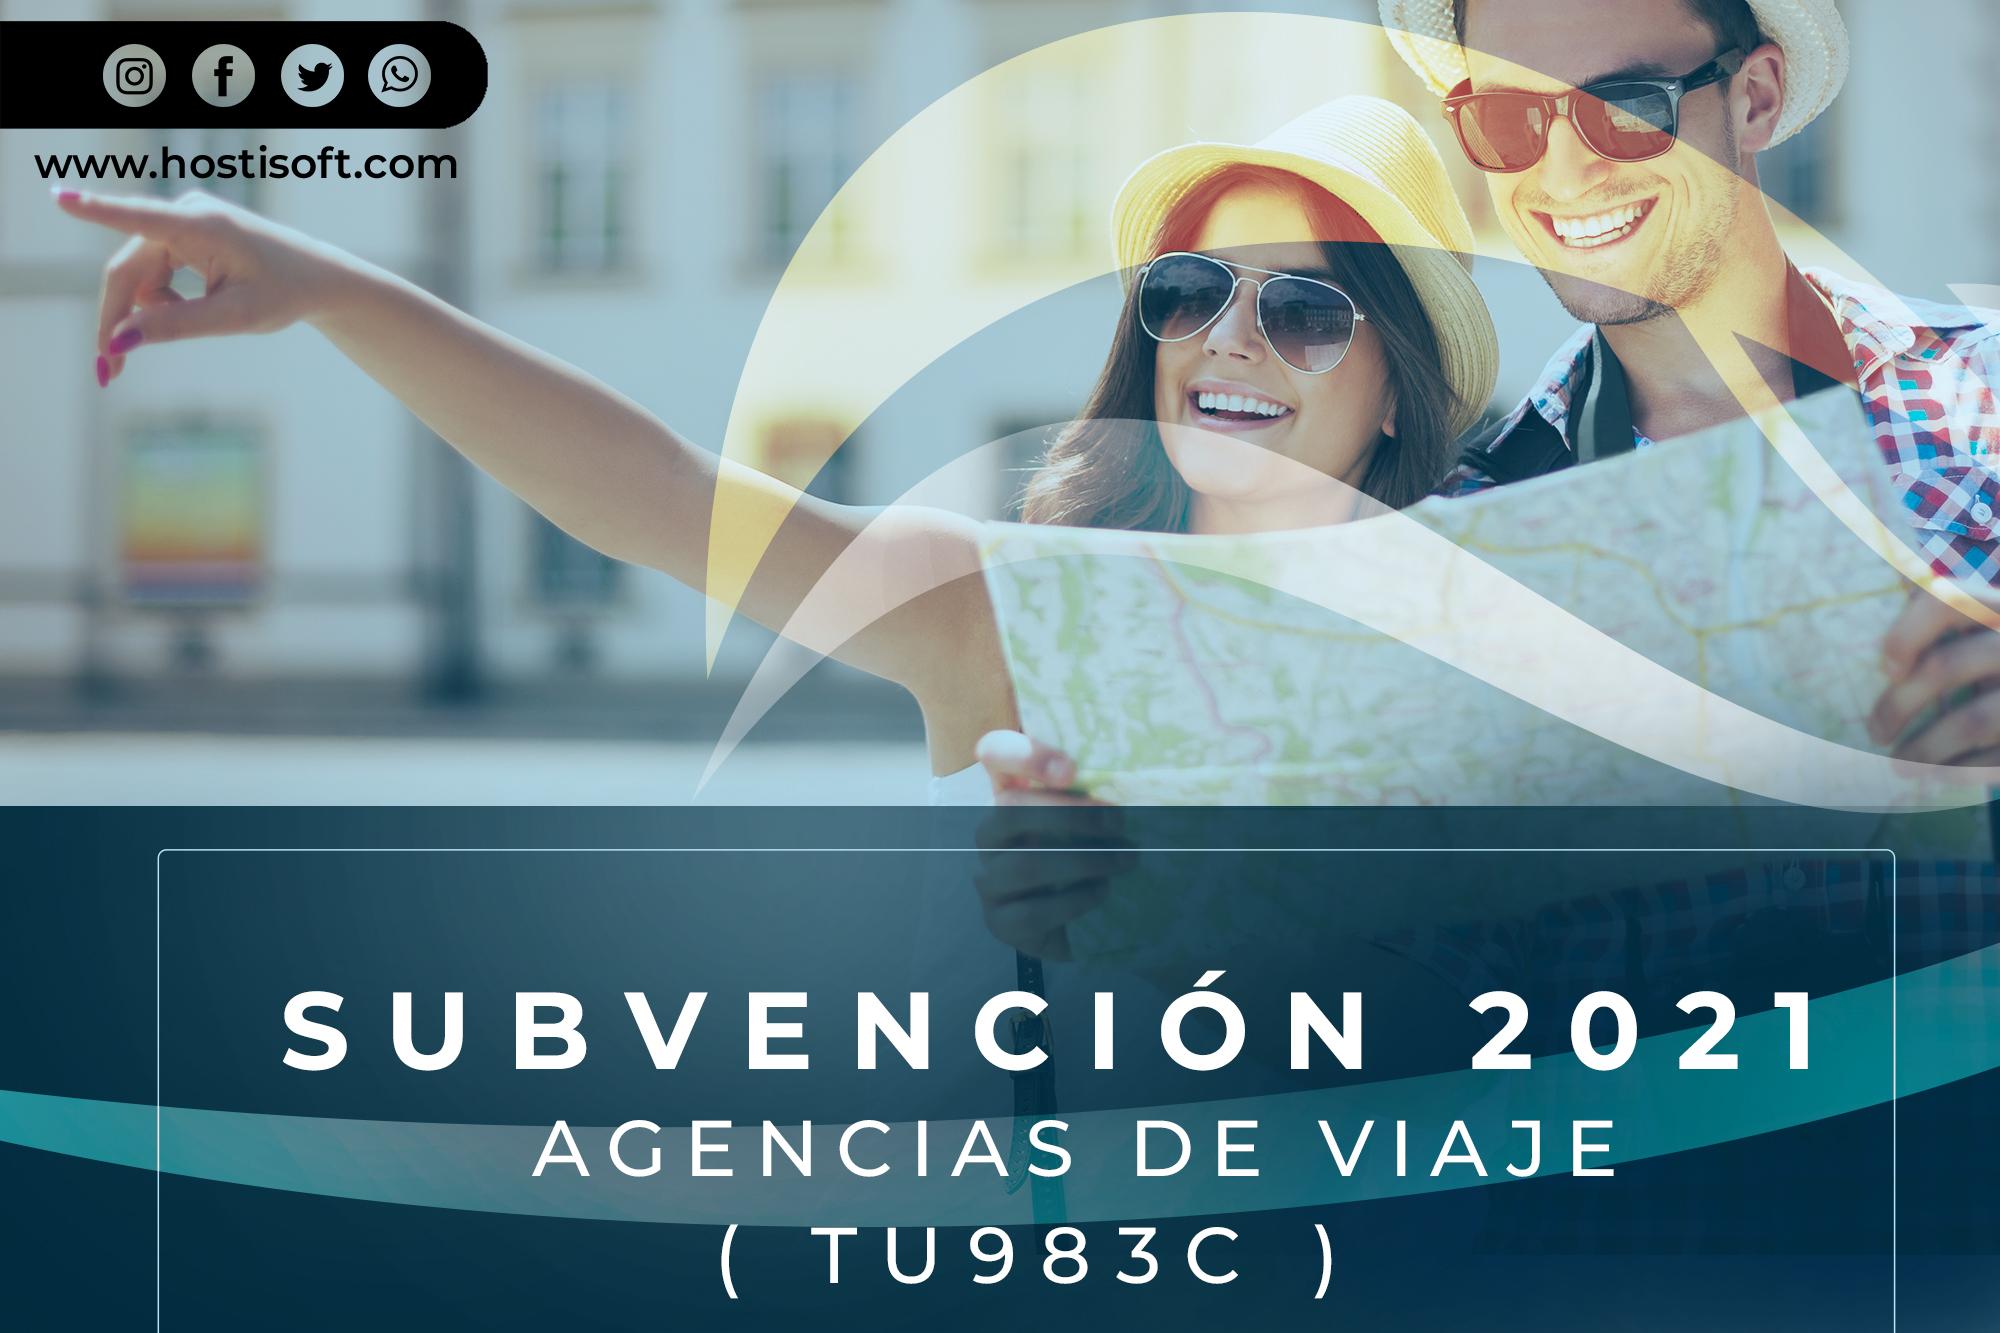 SUBVENCION A LAS AGENCIAS DE VIAJE ( TU983C )